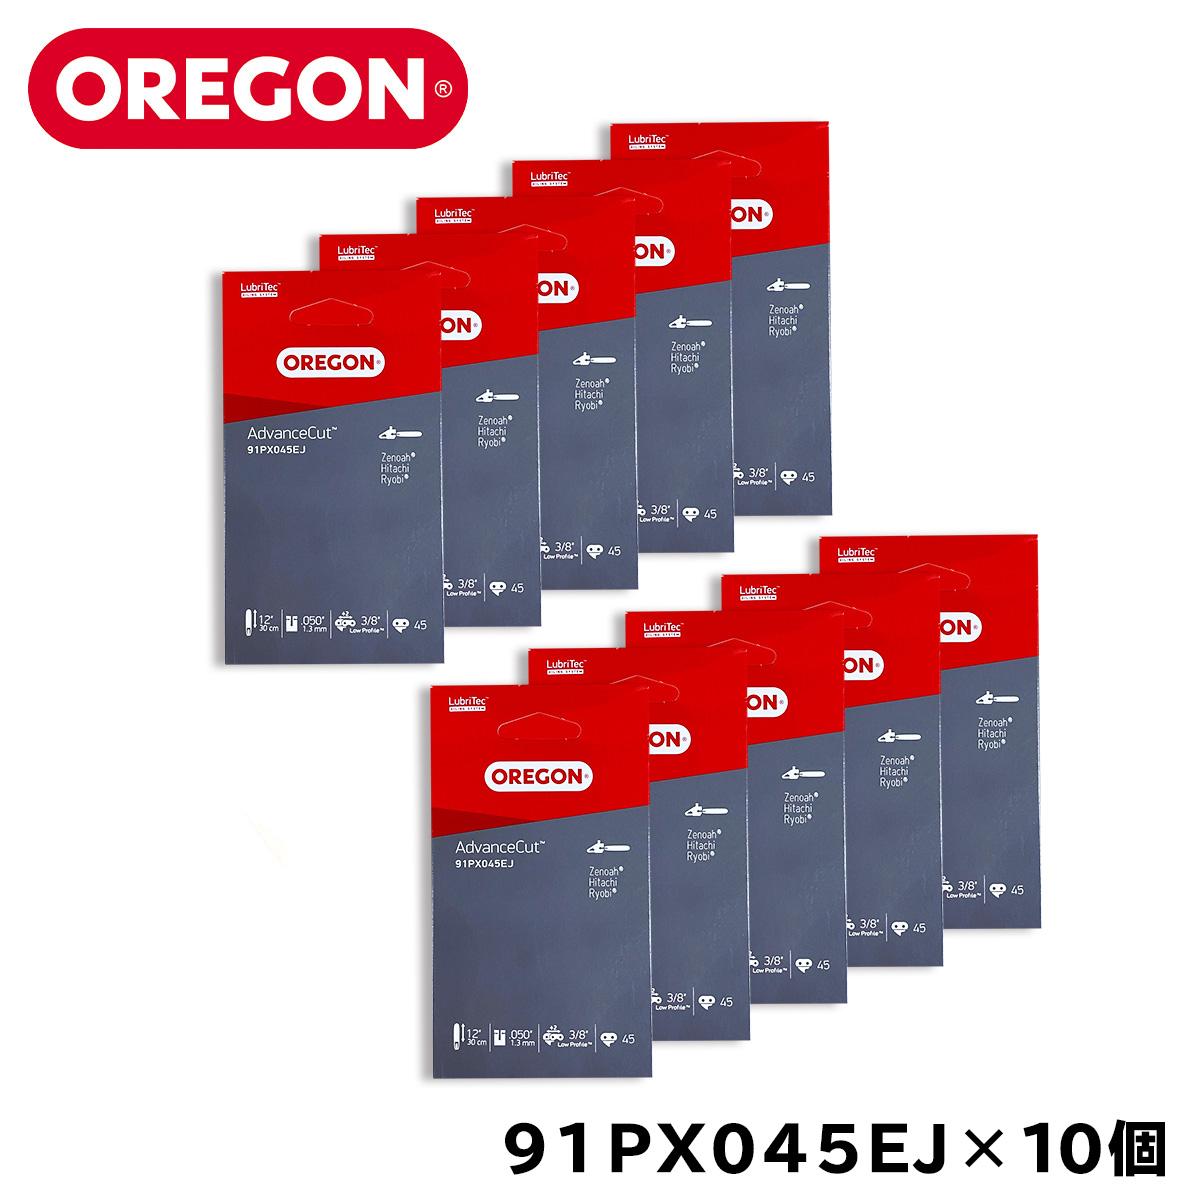 【10個セット】OREGON 91PX045EJ ソーチェーン 替刃 正規品 パーツ チェンソー 91PX アドバンスカット オレゴン